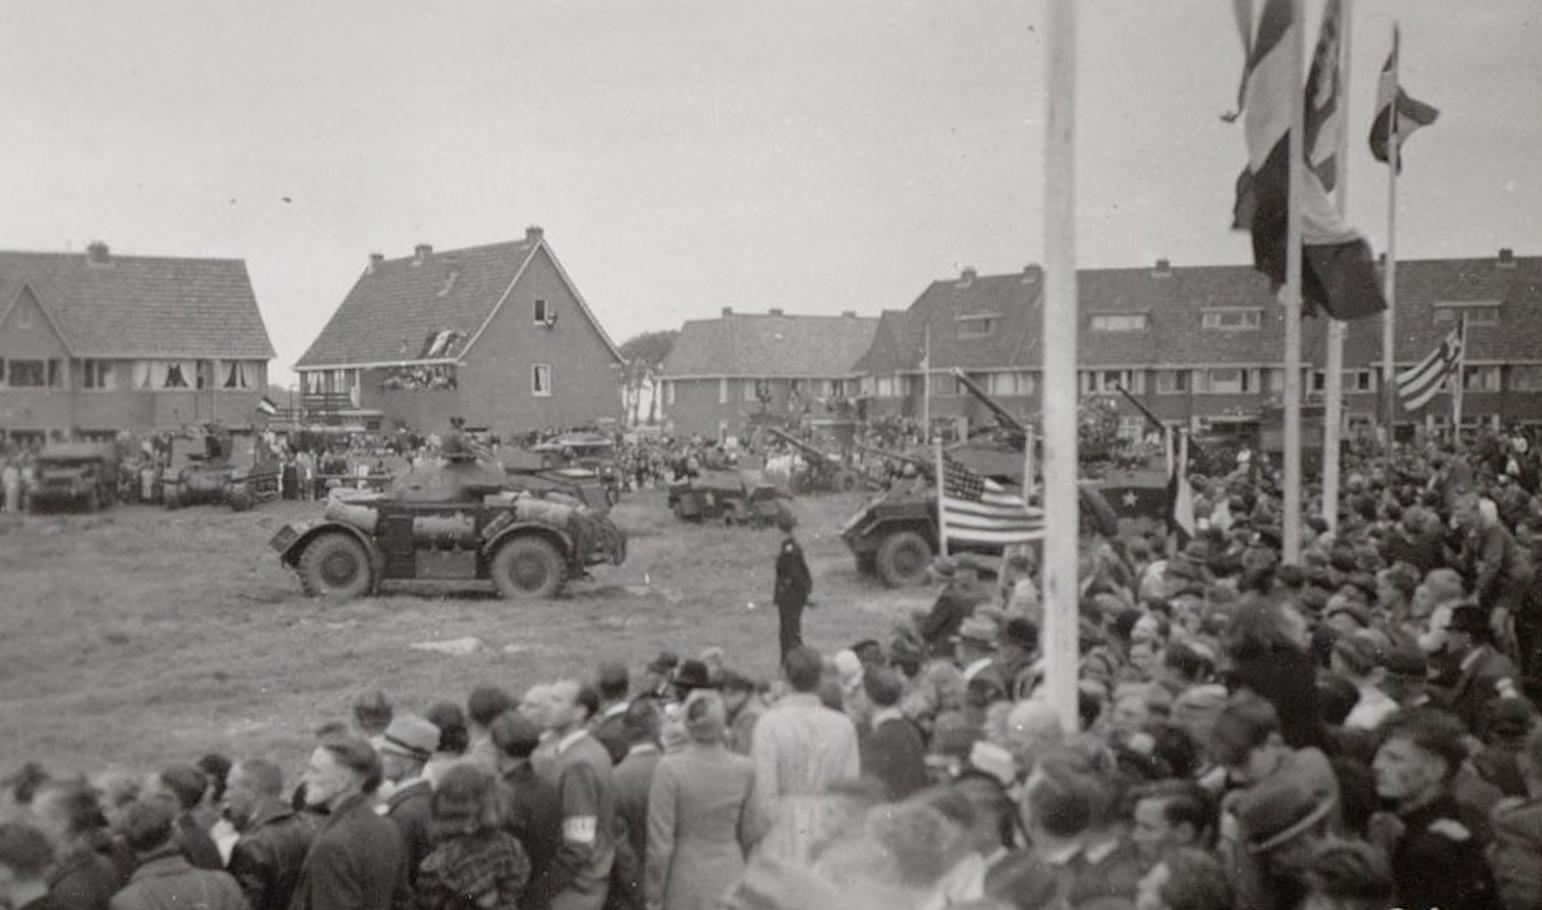 Bewegend Verleden: Canadezen presenteren hun oorlogsmaterieel in Alkmaar, 1945 [video]